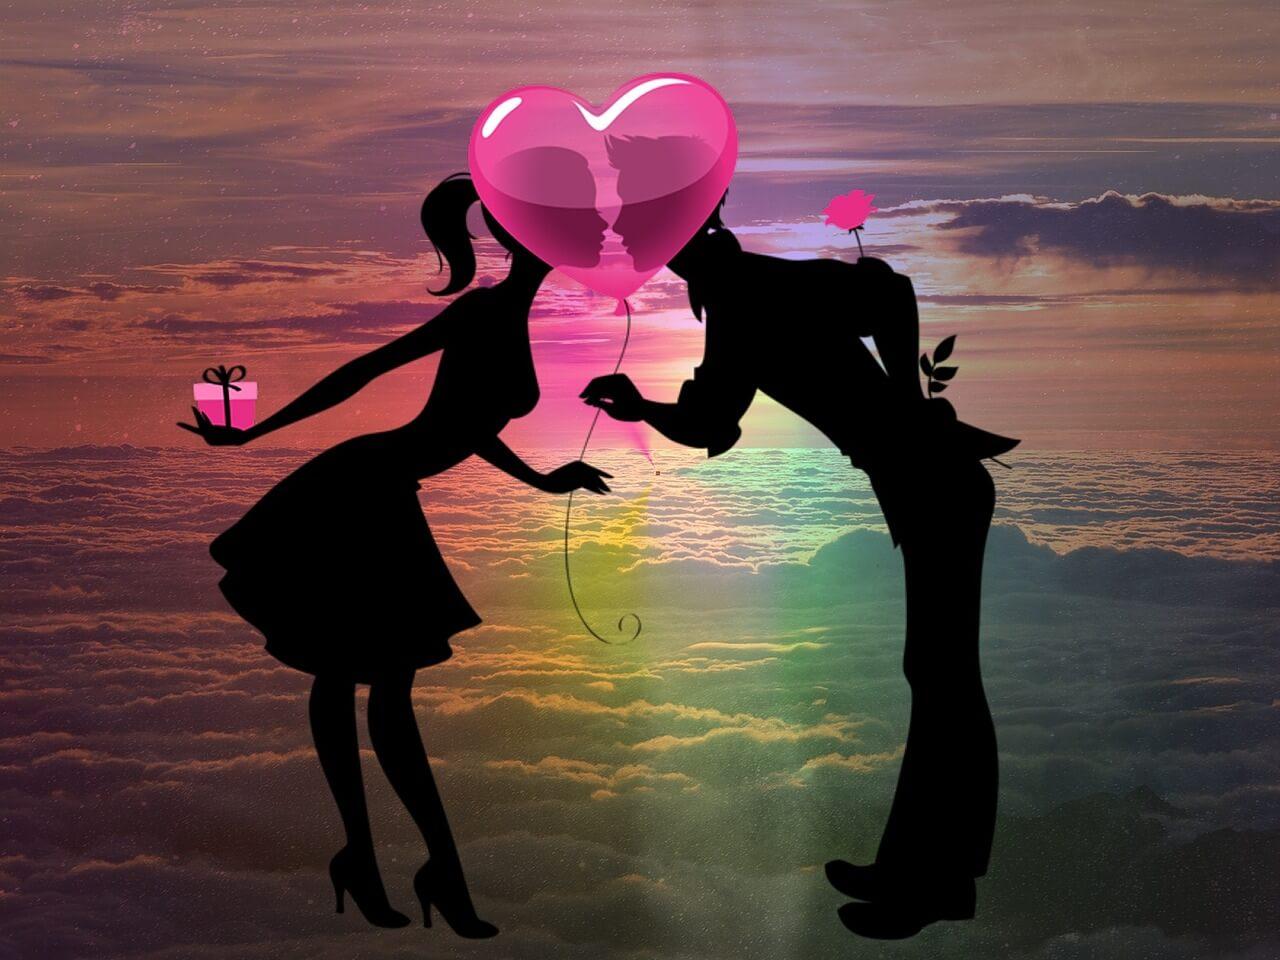 romans randki z Indiami